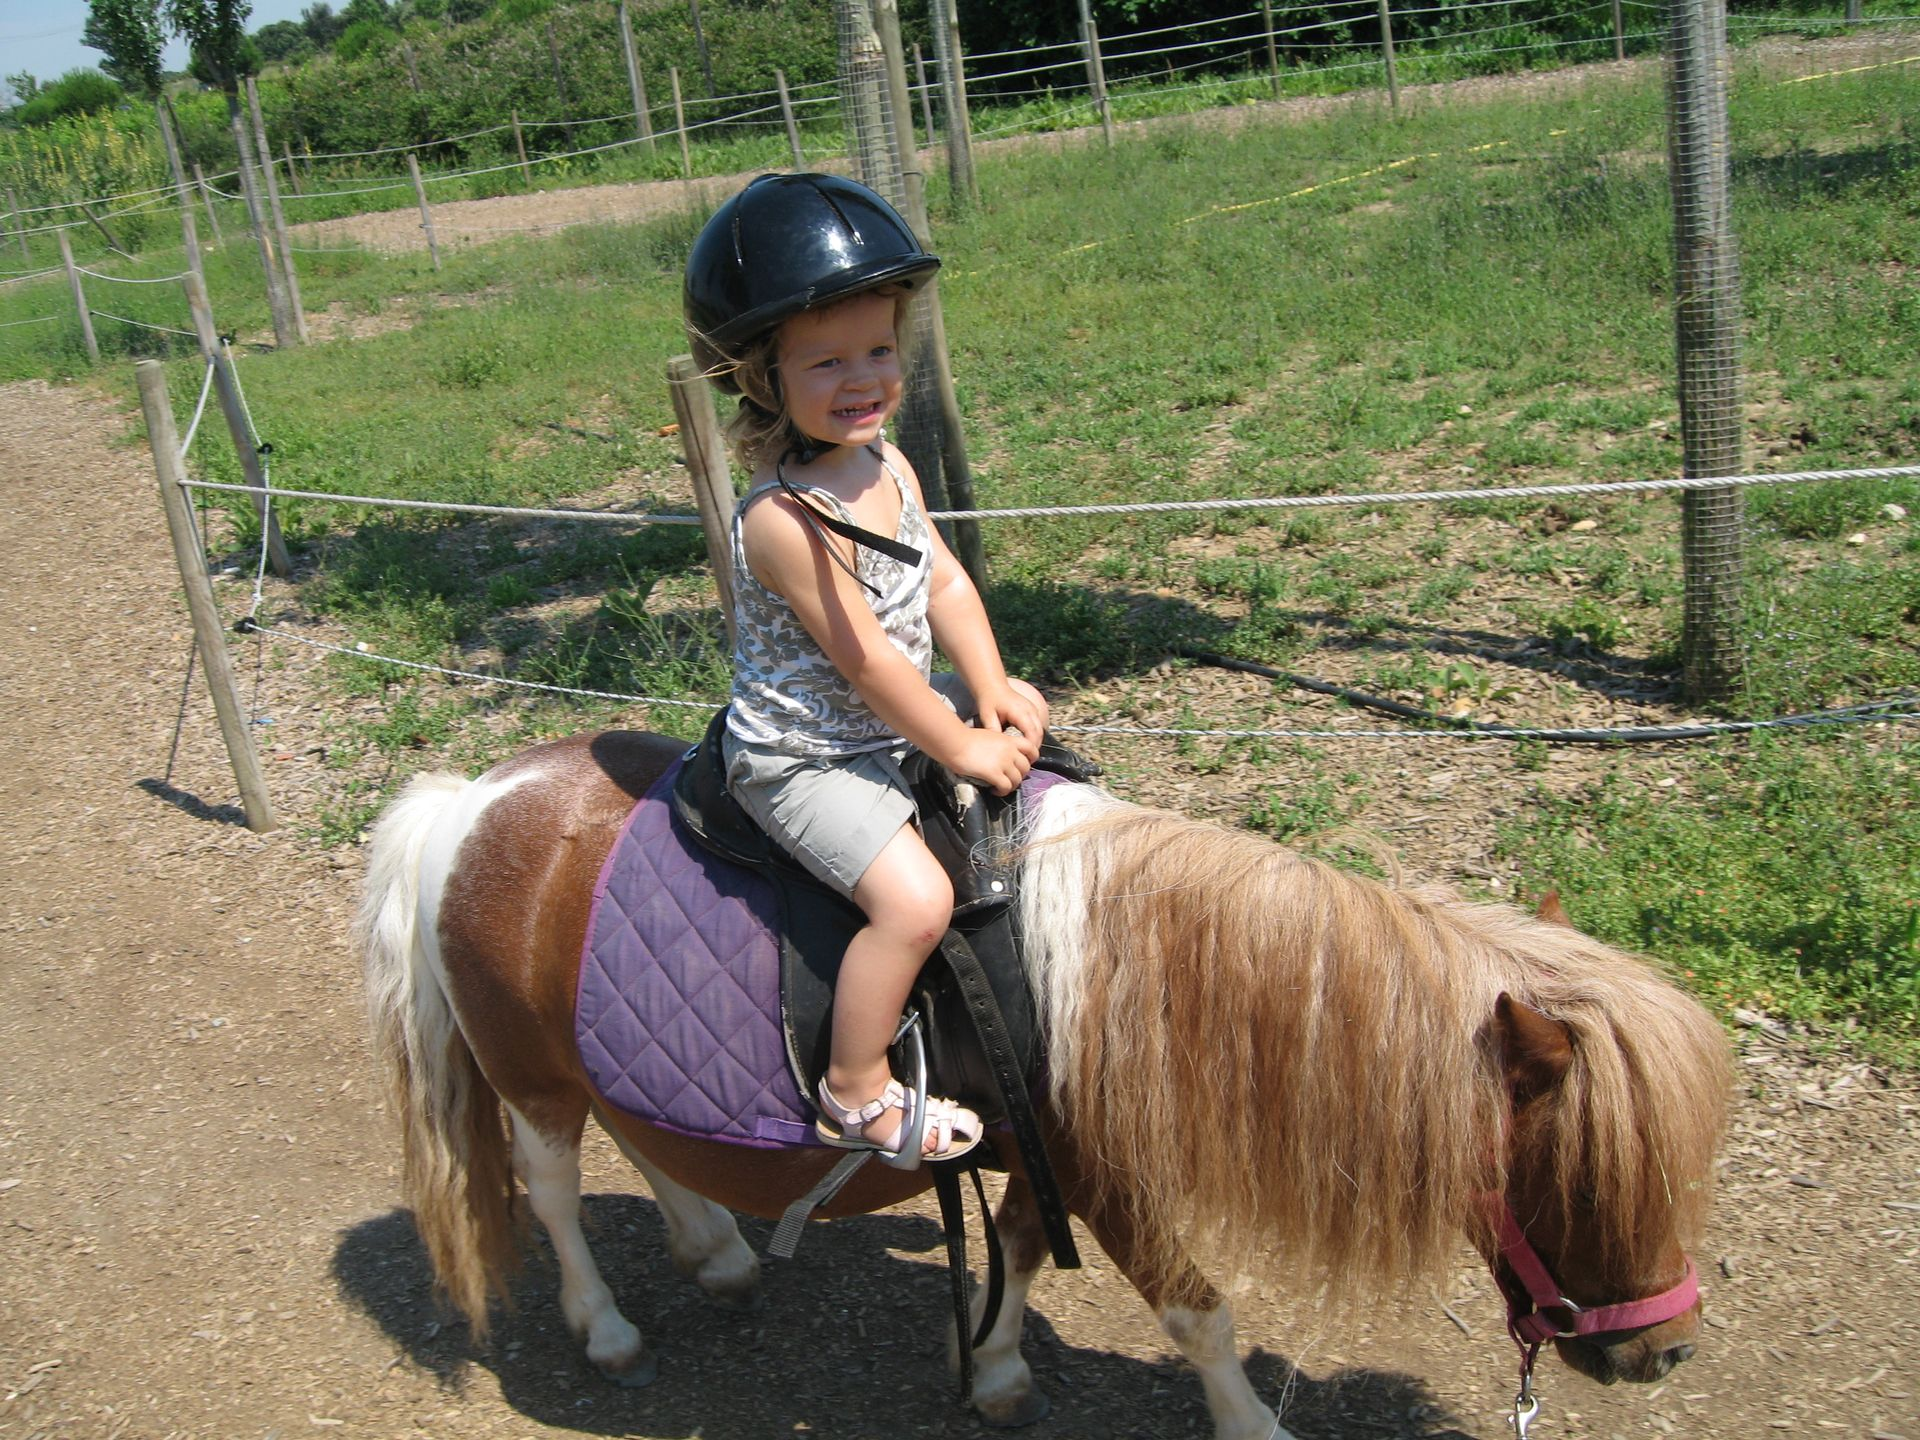 Petite fille en balade sur un poney, sortie en famille dans un parc animalier